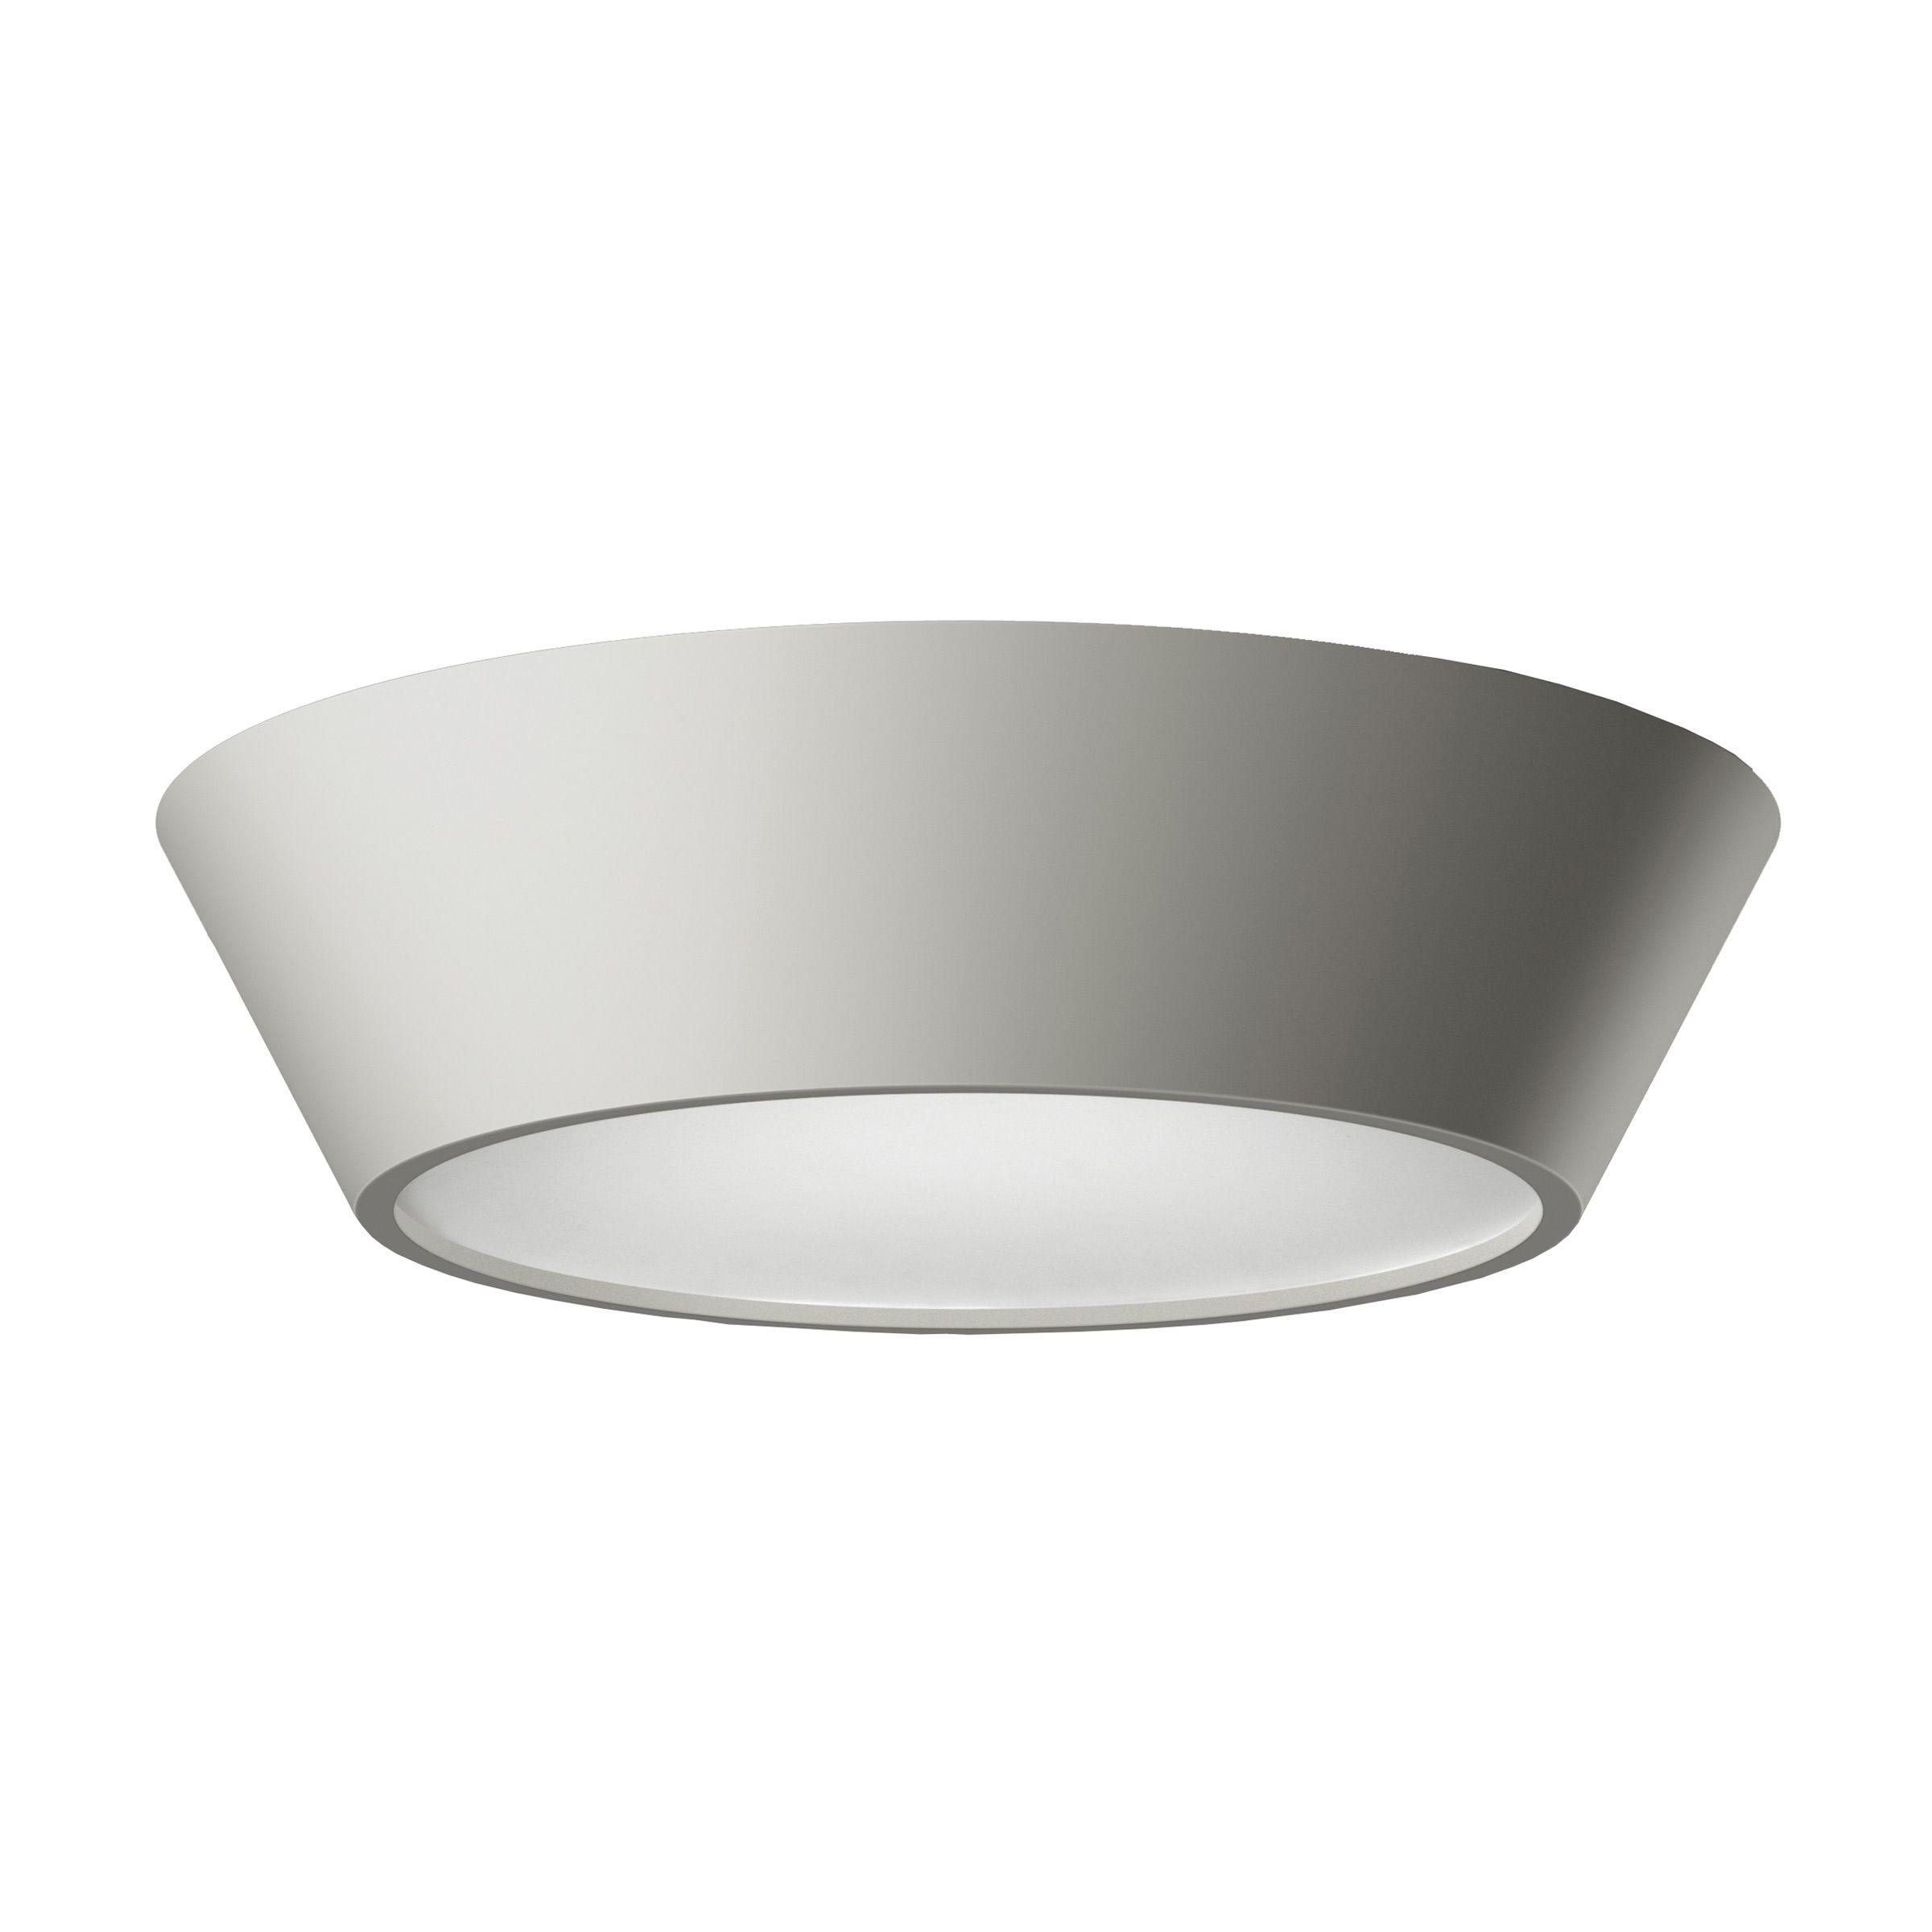 Vibia Plus plafondlamp recht dimbaar small